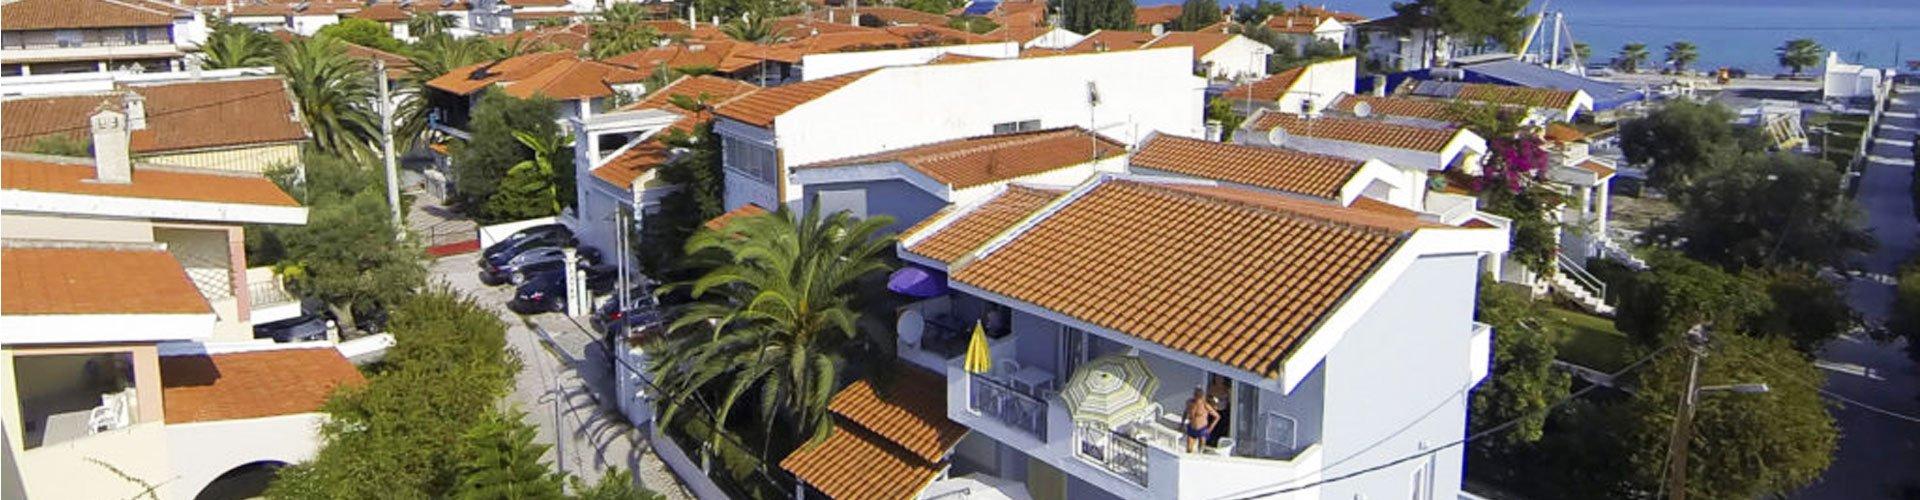 Dimitris Flower vila